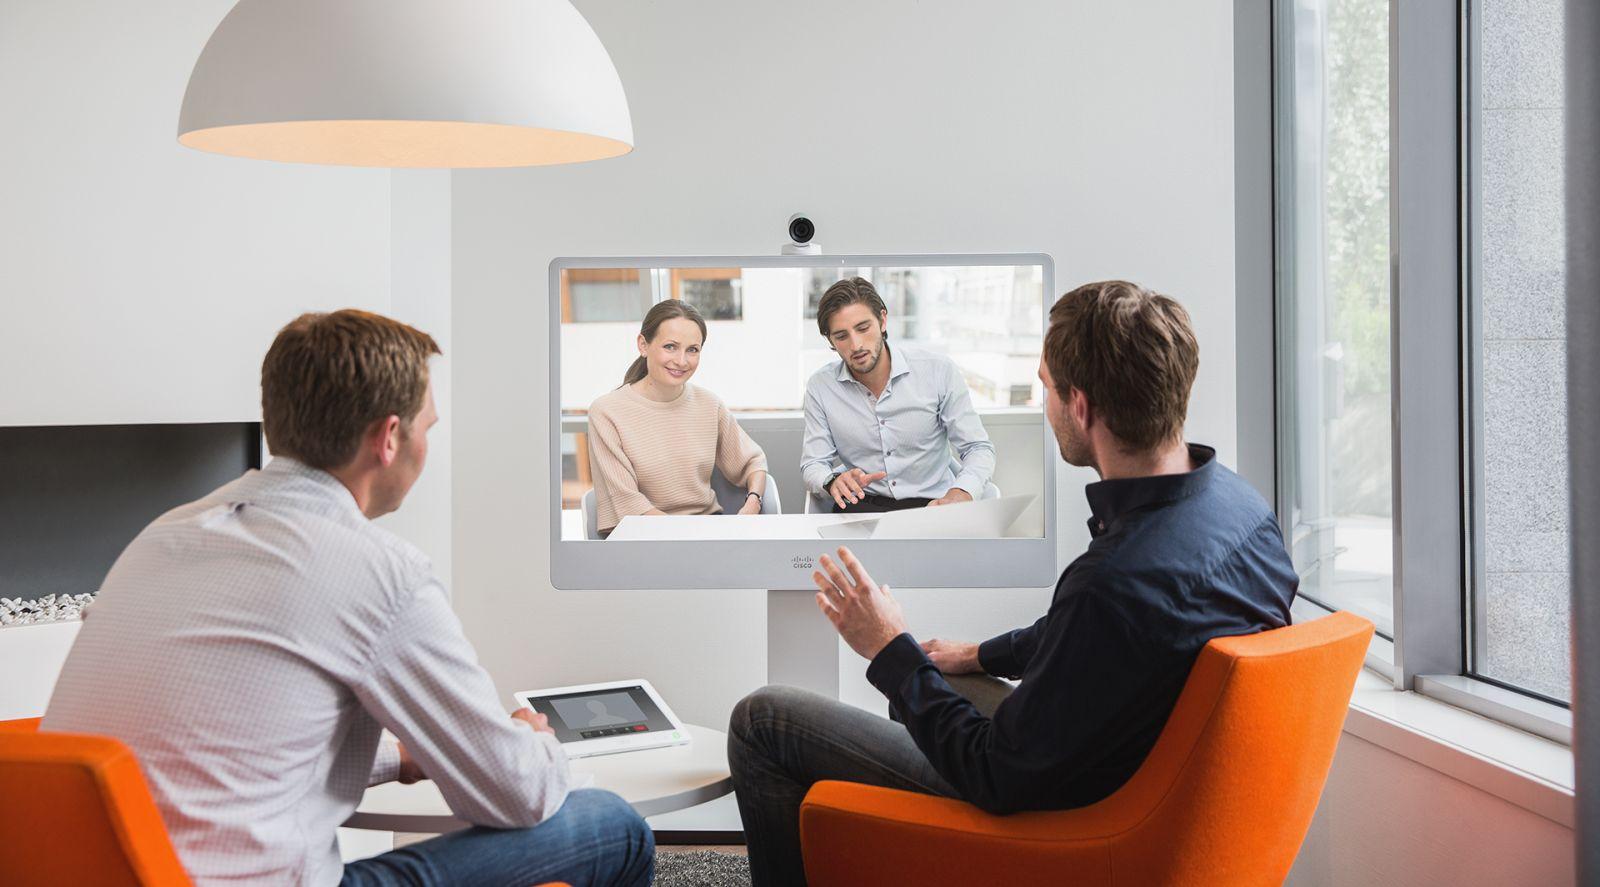 Ứng dụng giải pháp họp trực tuyến Lifesize trong lĩnh vực tài chính Hoi-nghi-truyen-hinh-cisco-ca-nhan